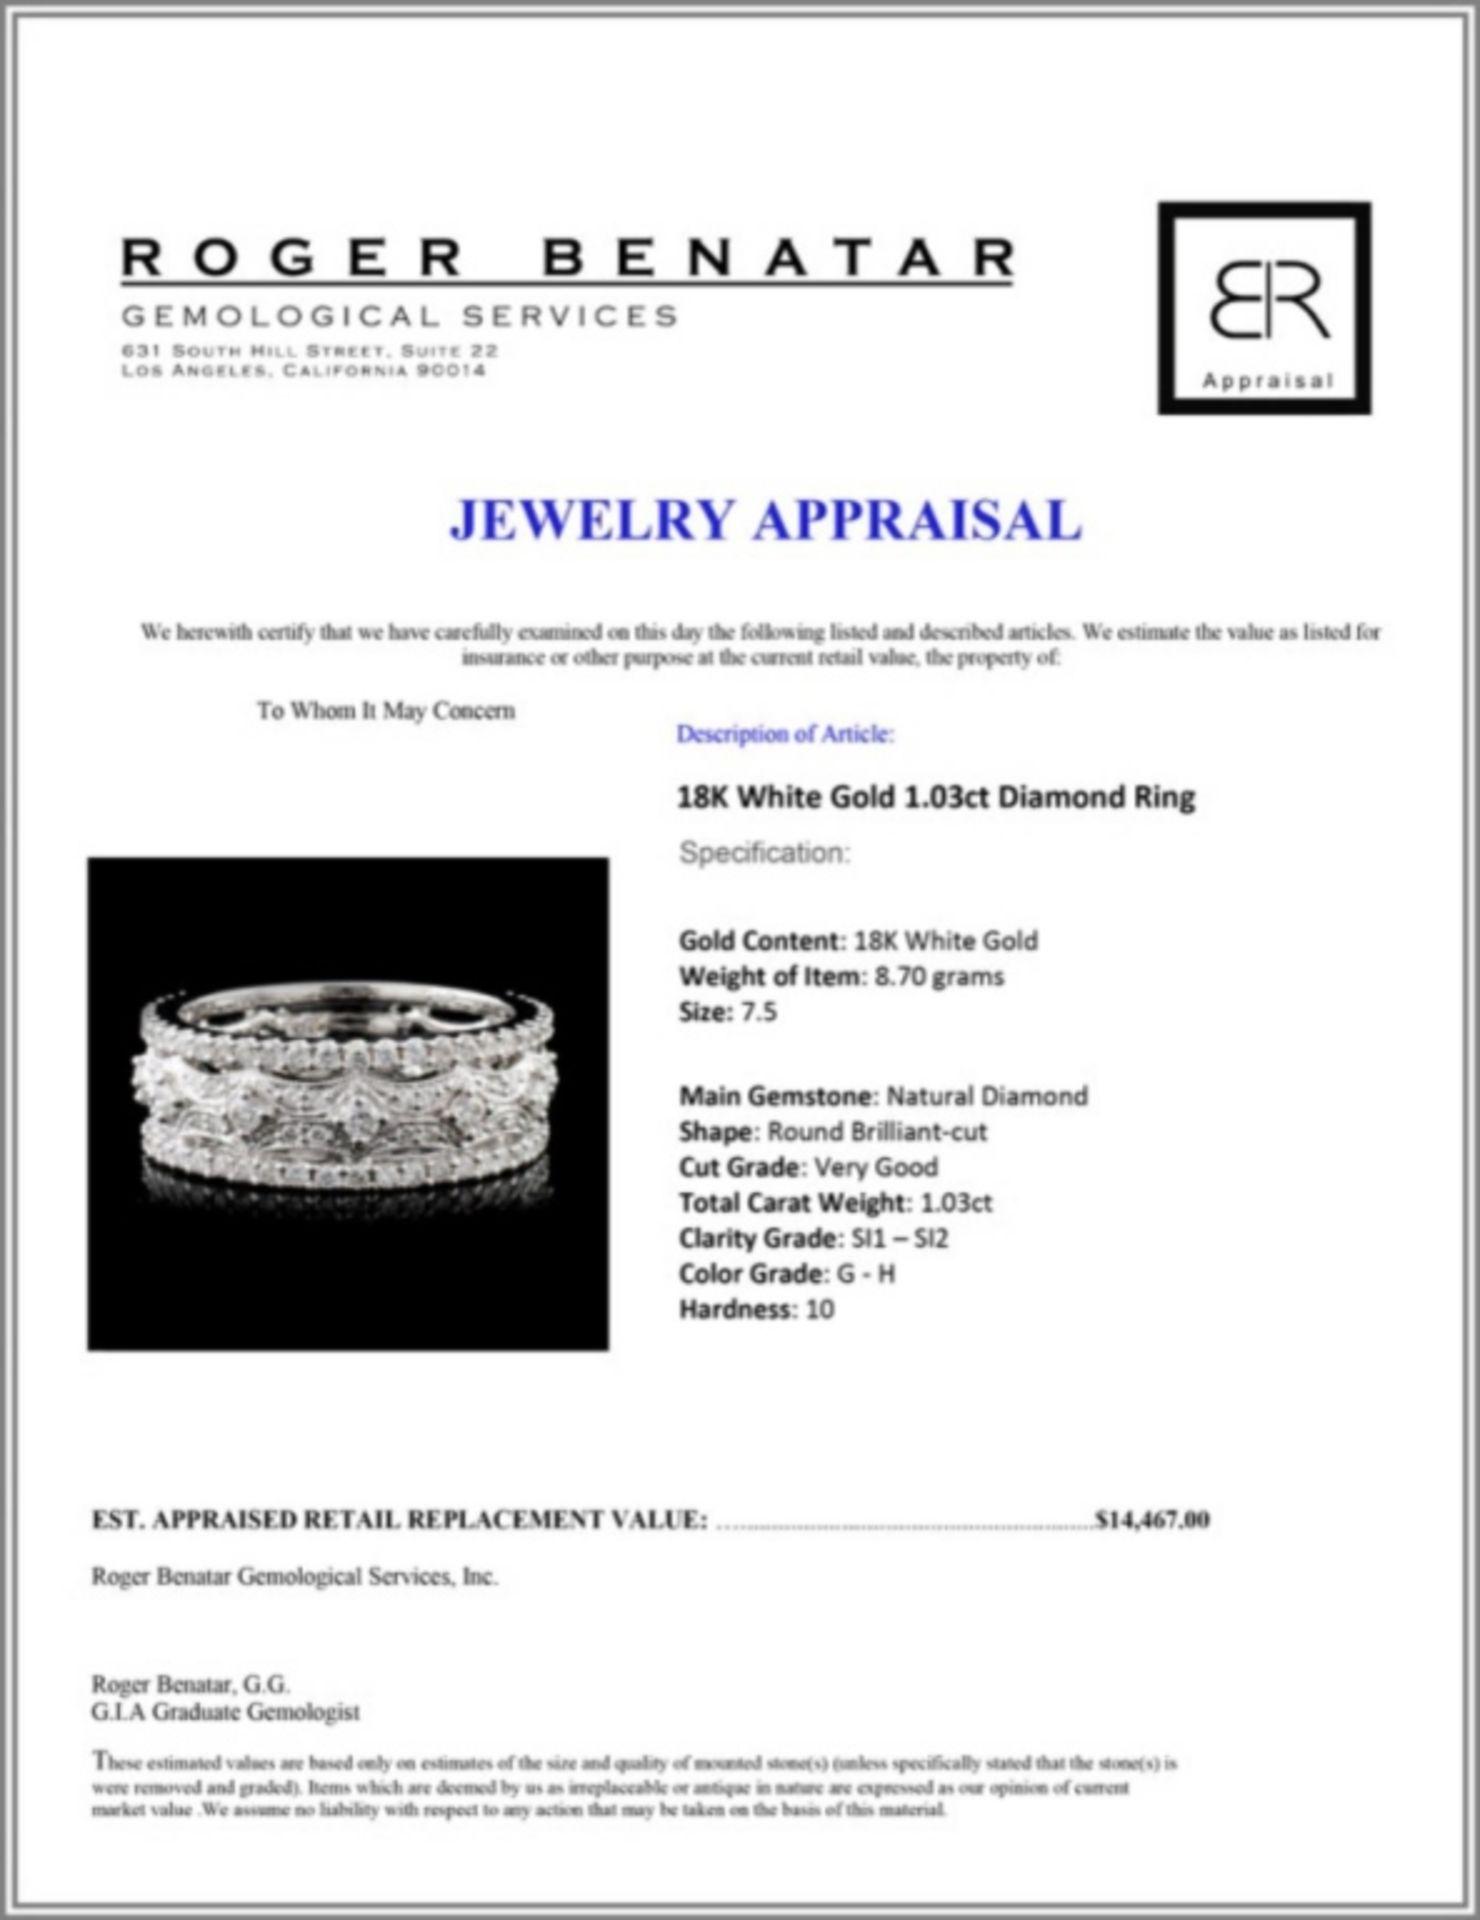 18K White Gold 1.03ct Diamond Ring - Image 4 of 4